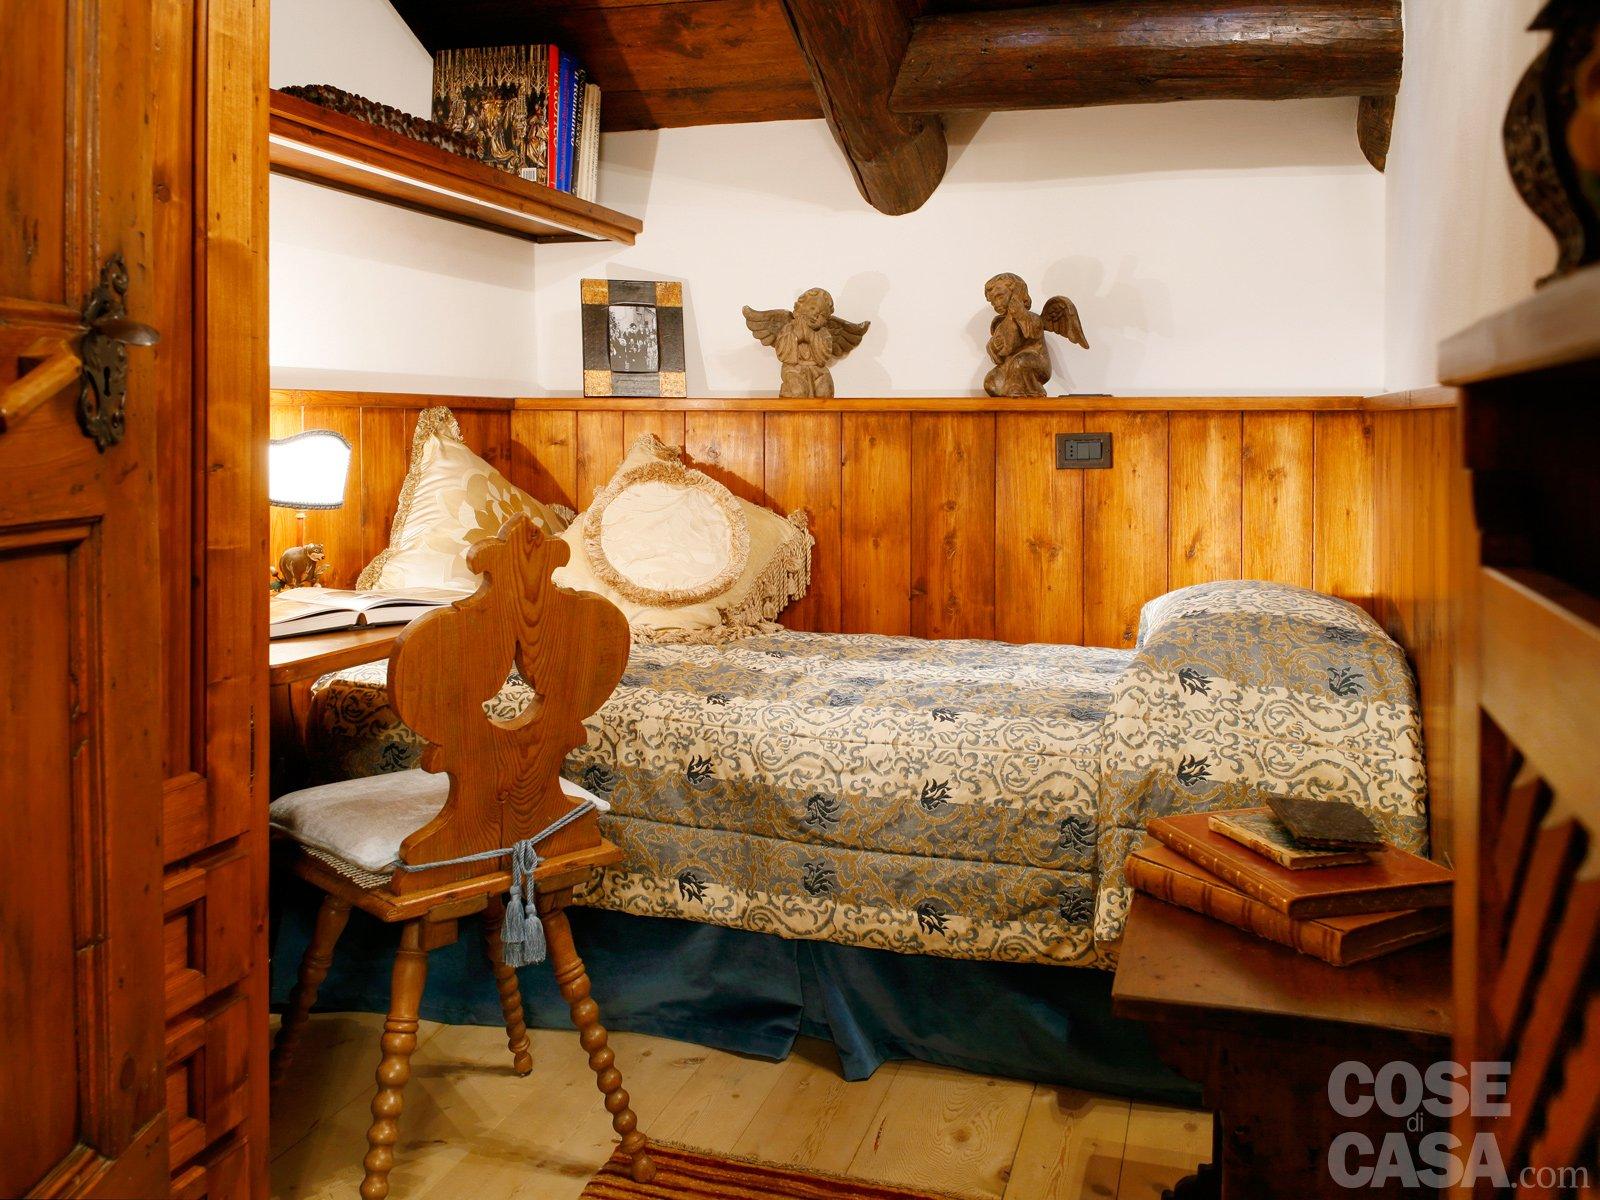 ... tutta legno: nuova vita per la casa di montagna - Cose di Casa